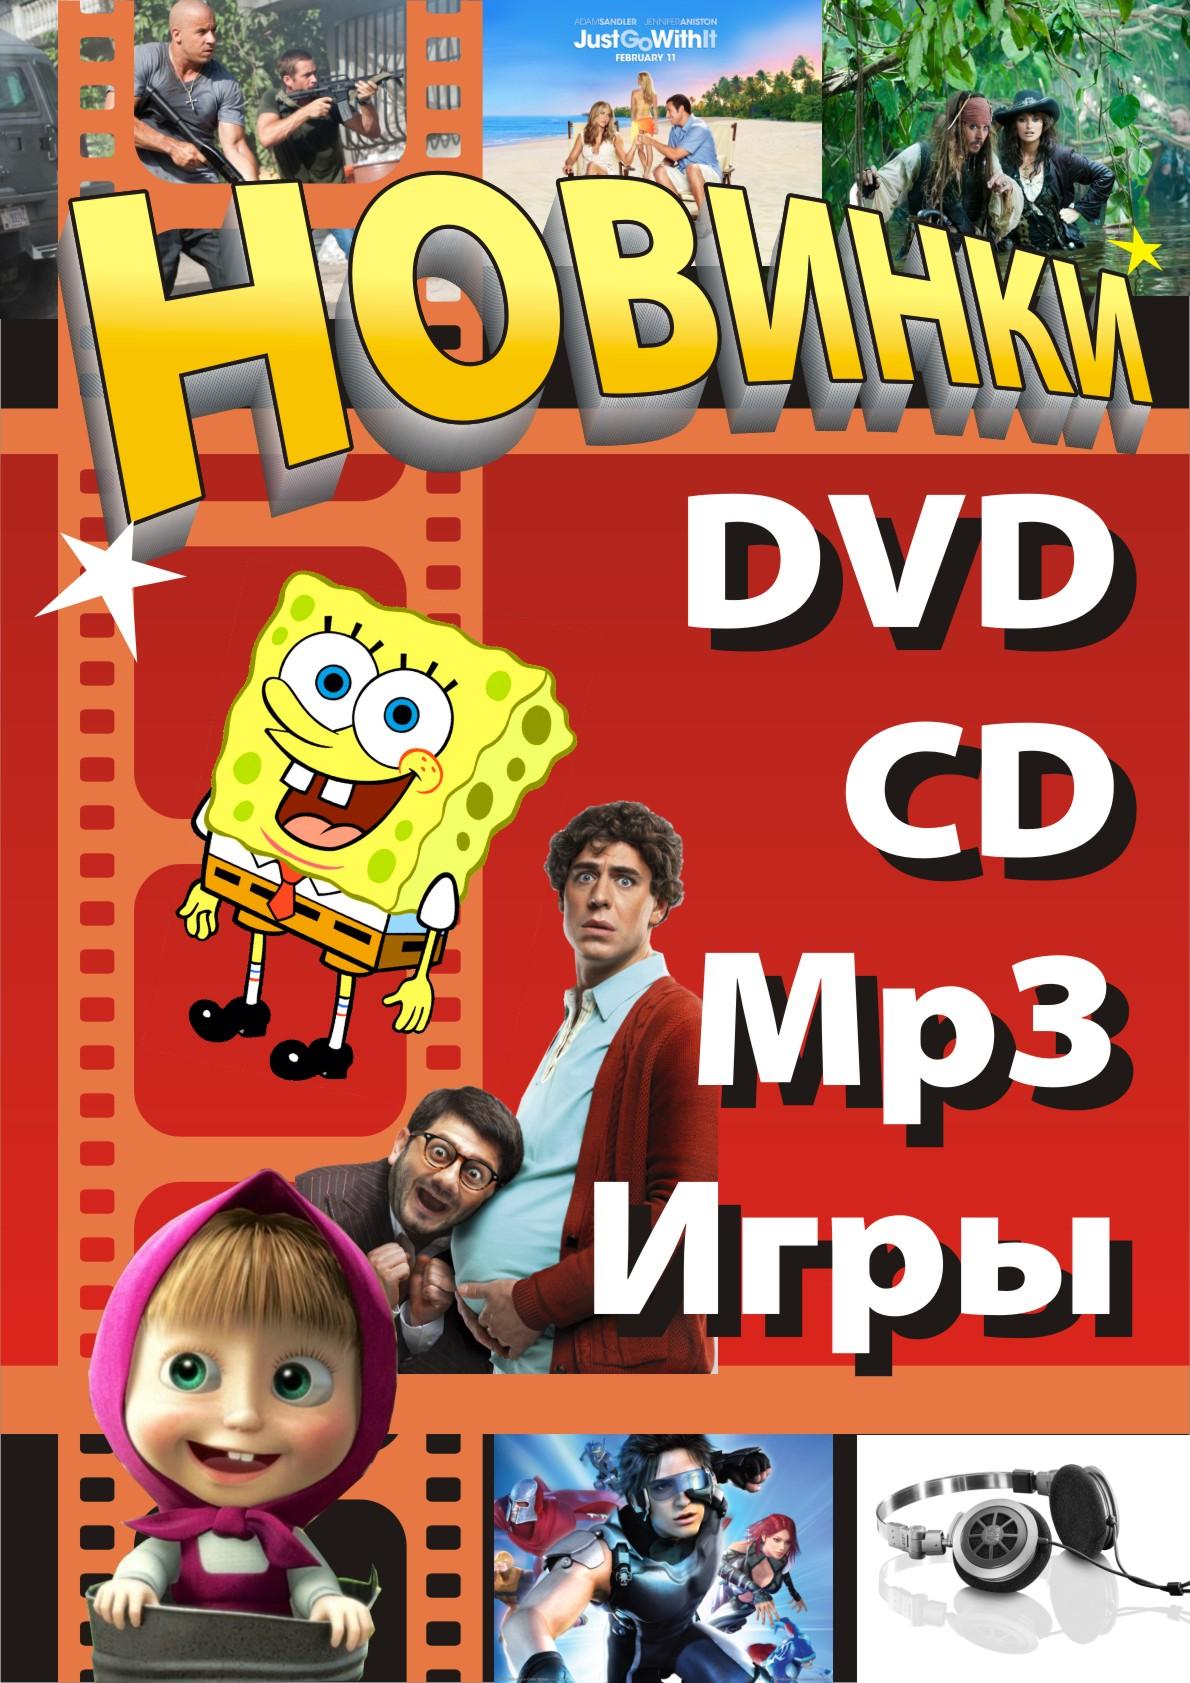 Дизайн плаката торговой точки по продаже компакт-дисков